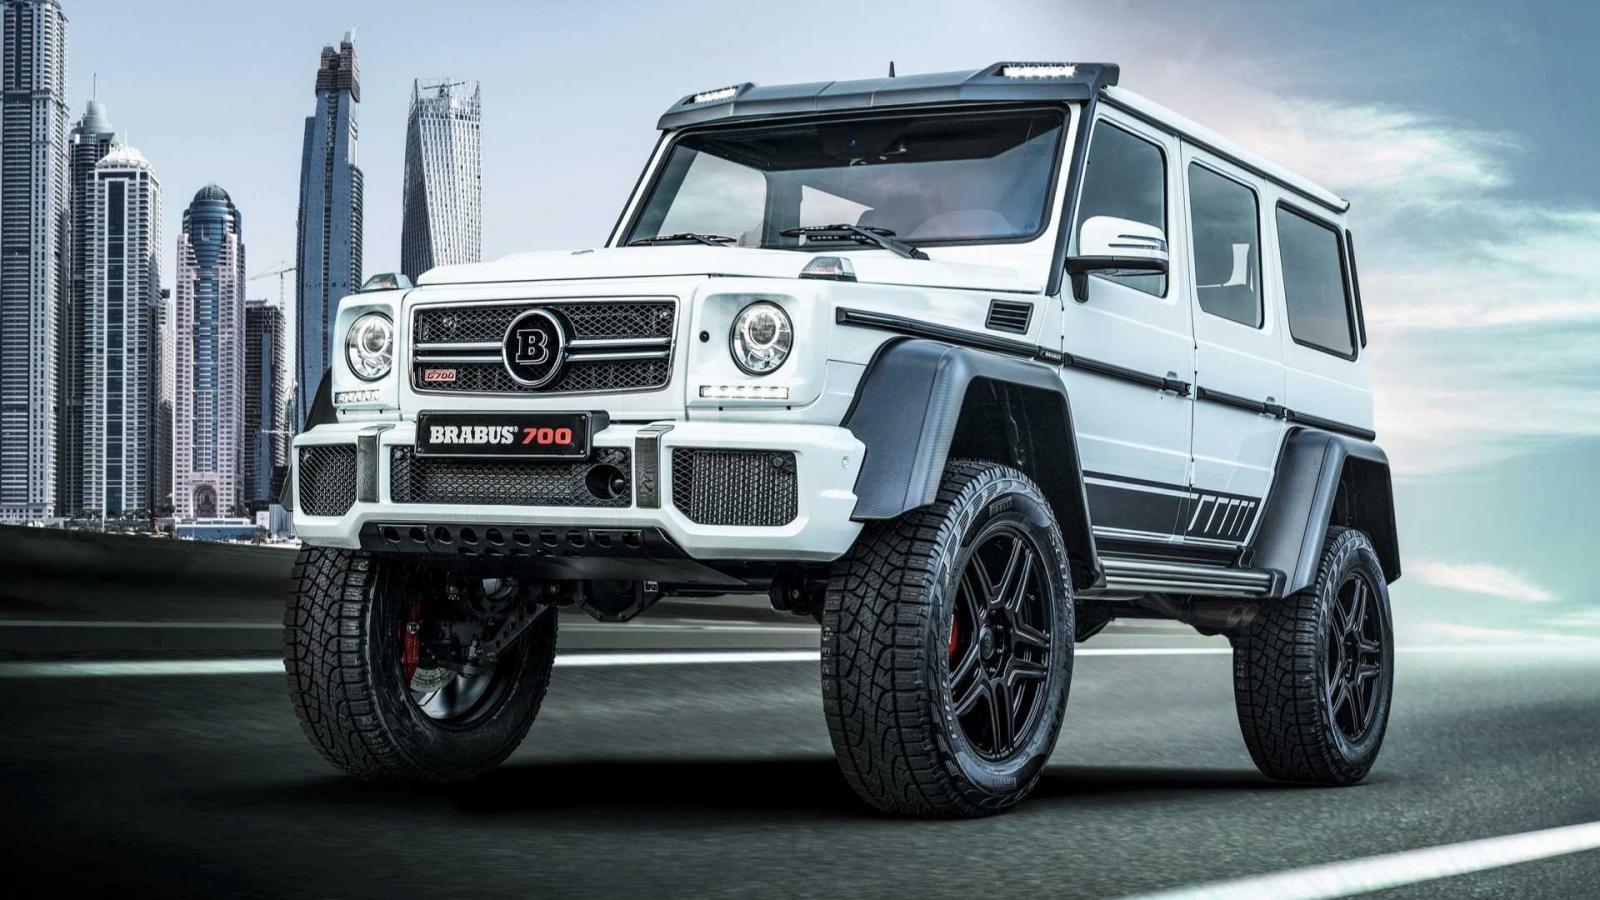 Thú chơi xe - 'Quái vật' Brabus 700 cực mạnh 'gột' từ Mercedes-AMG G63